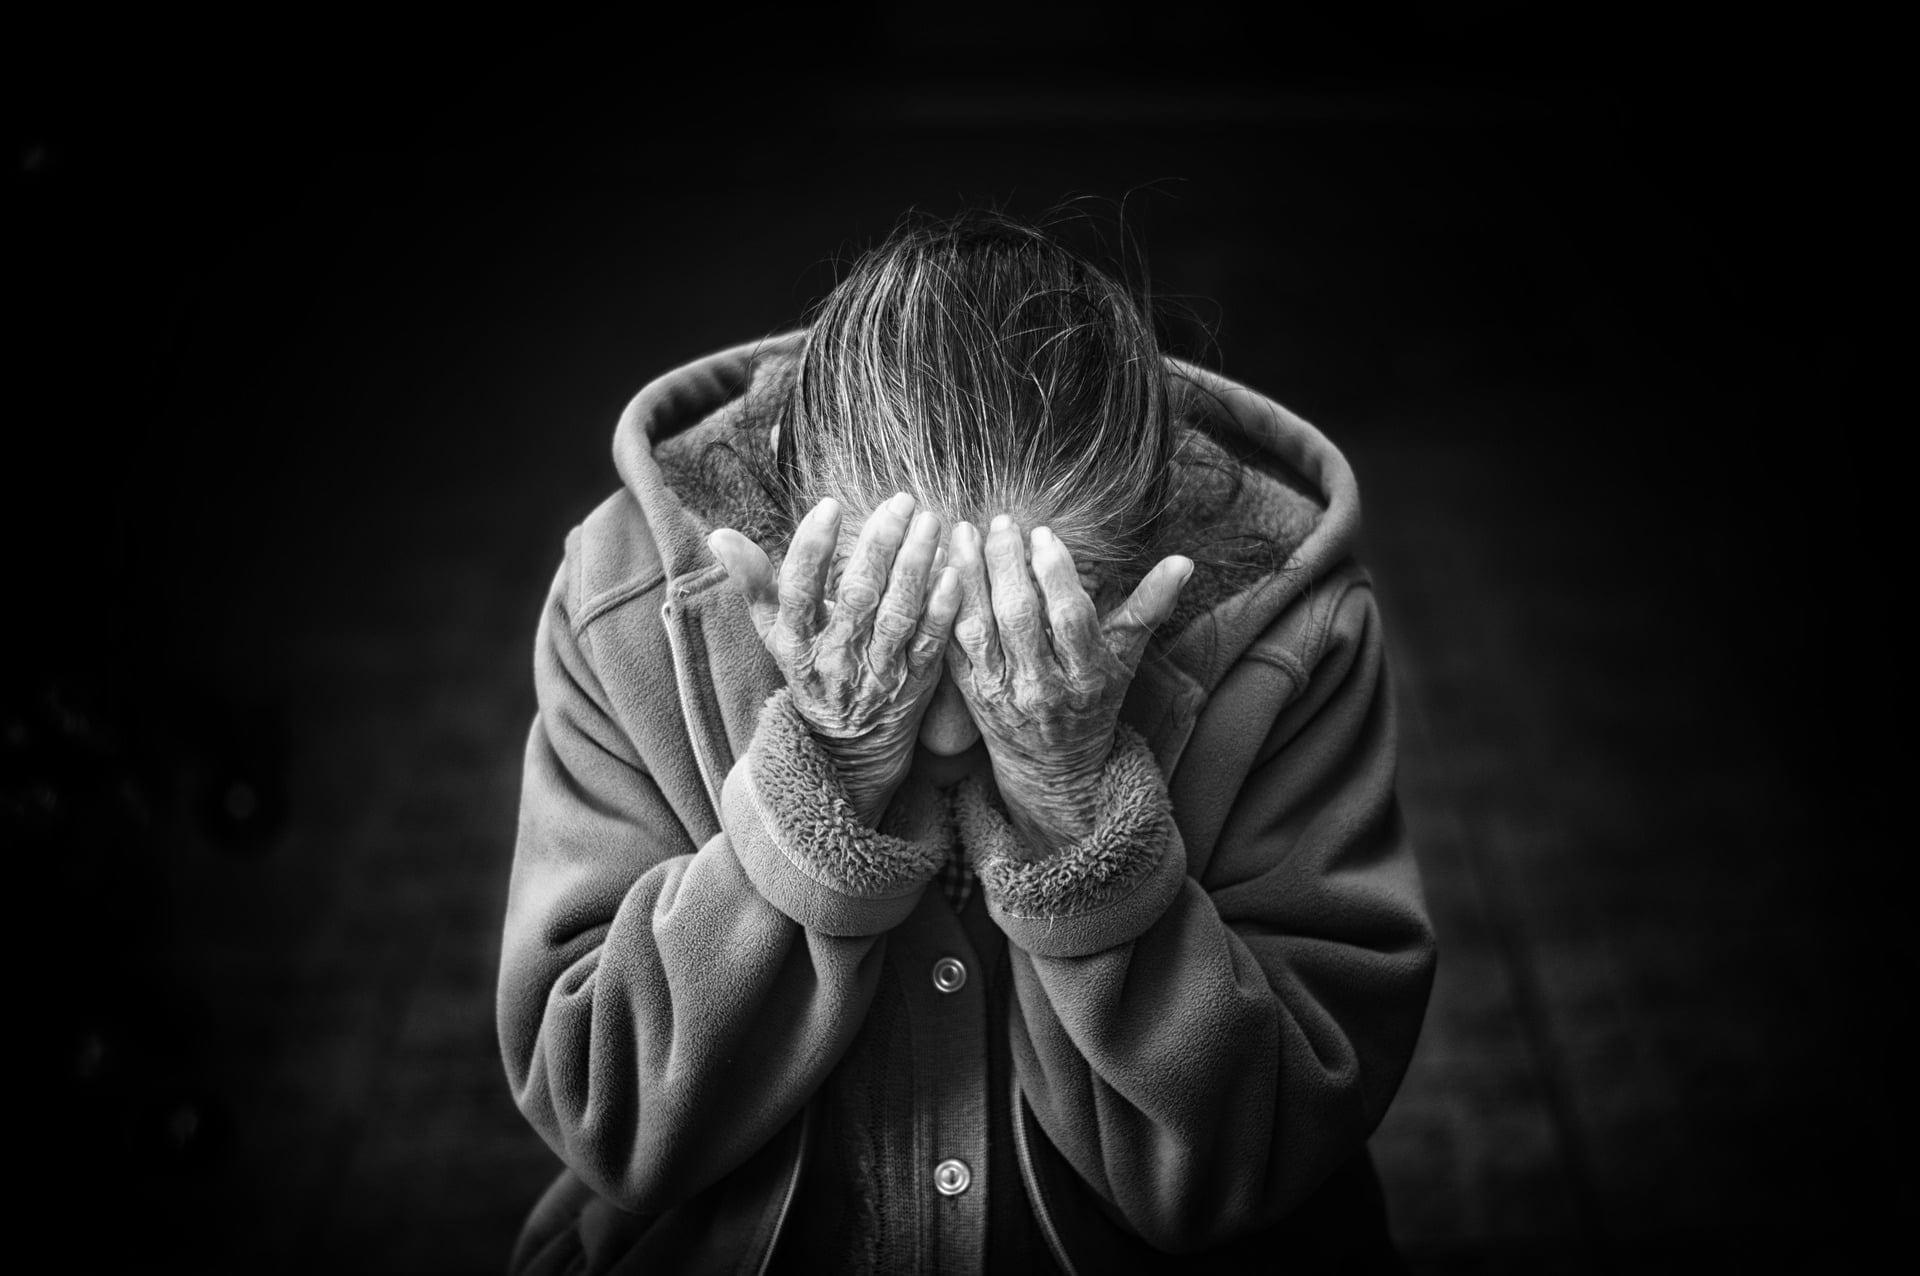 atacul de panica la femei de varsta mijlocie